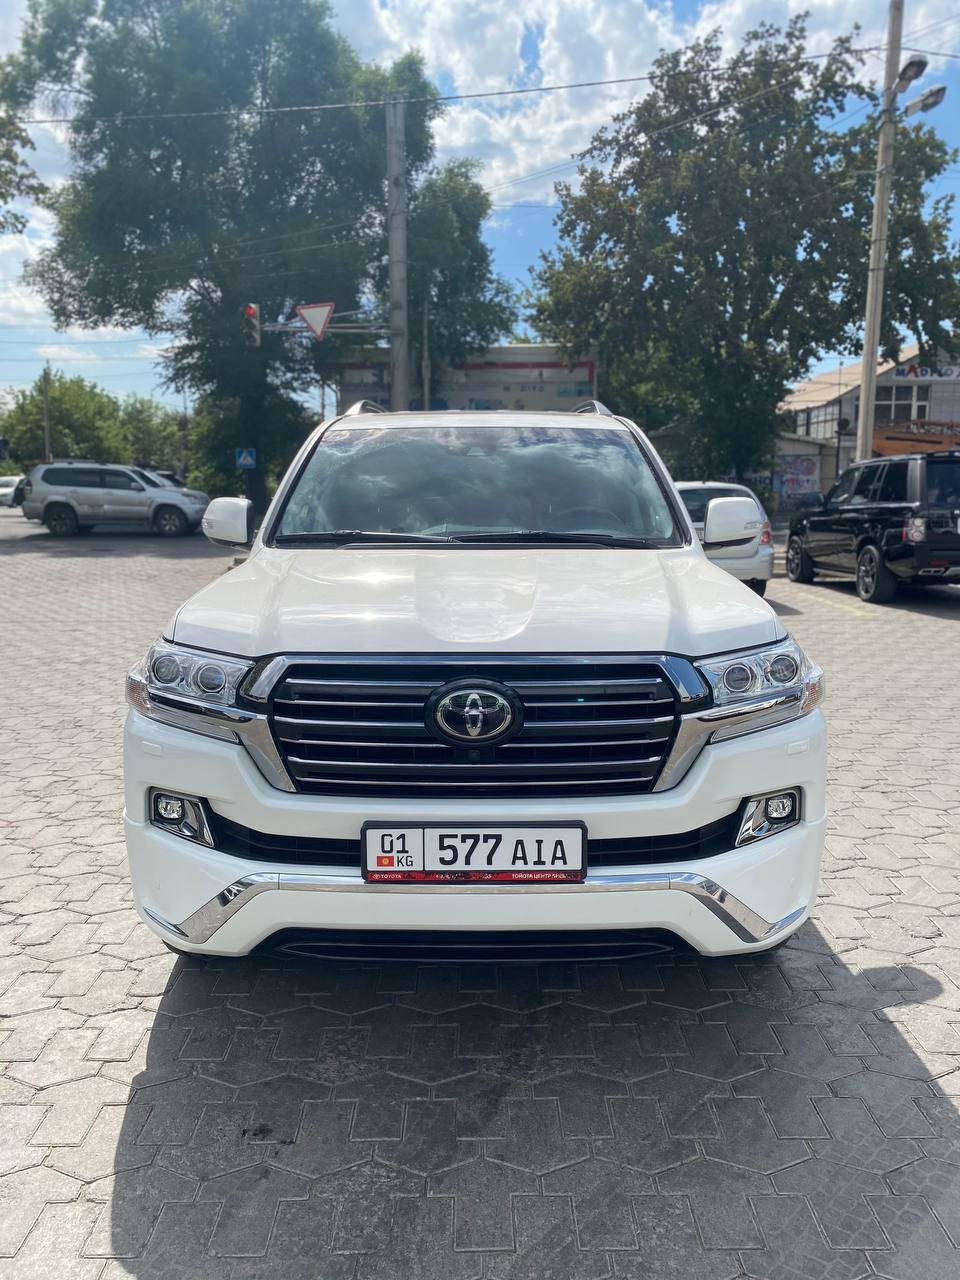 Сертифицированные подержанные автомобили BMW, автомобили с пробегом в Kyrgyzstan | BMW Kyrgyzstan